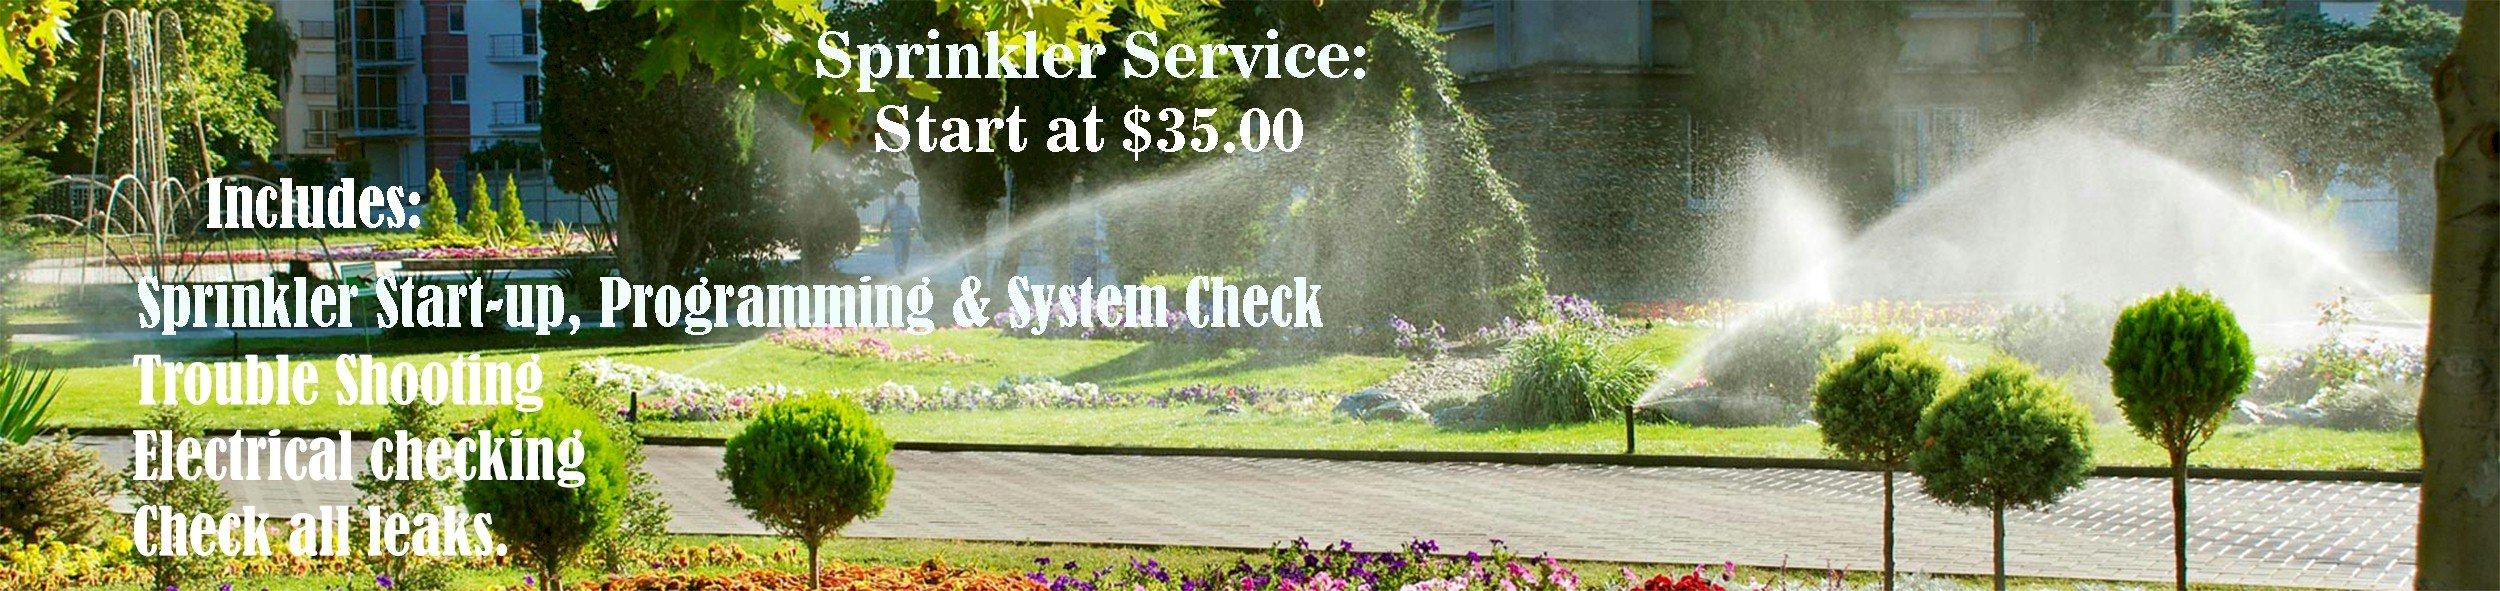 Sprinkler Service